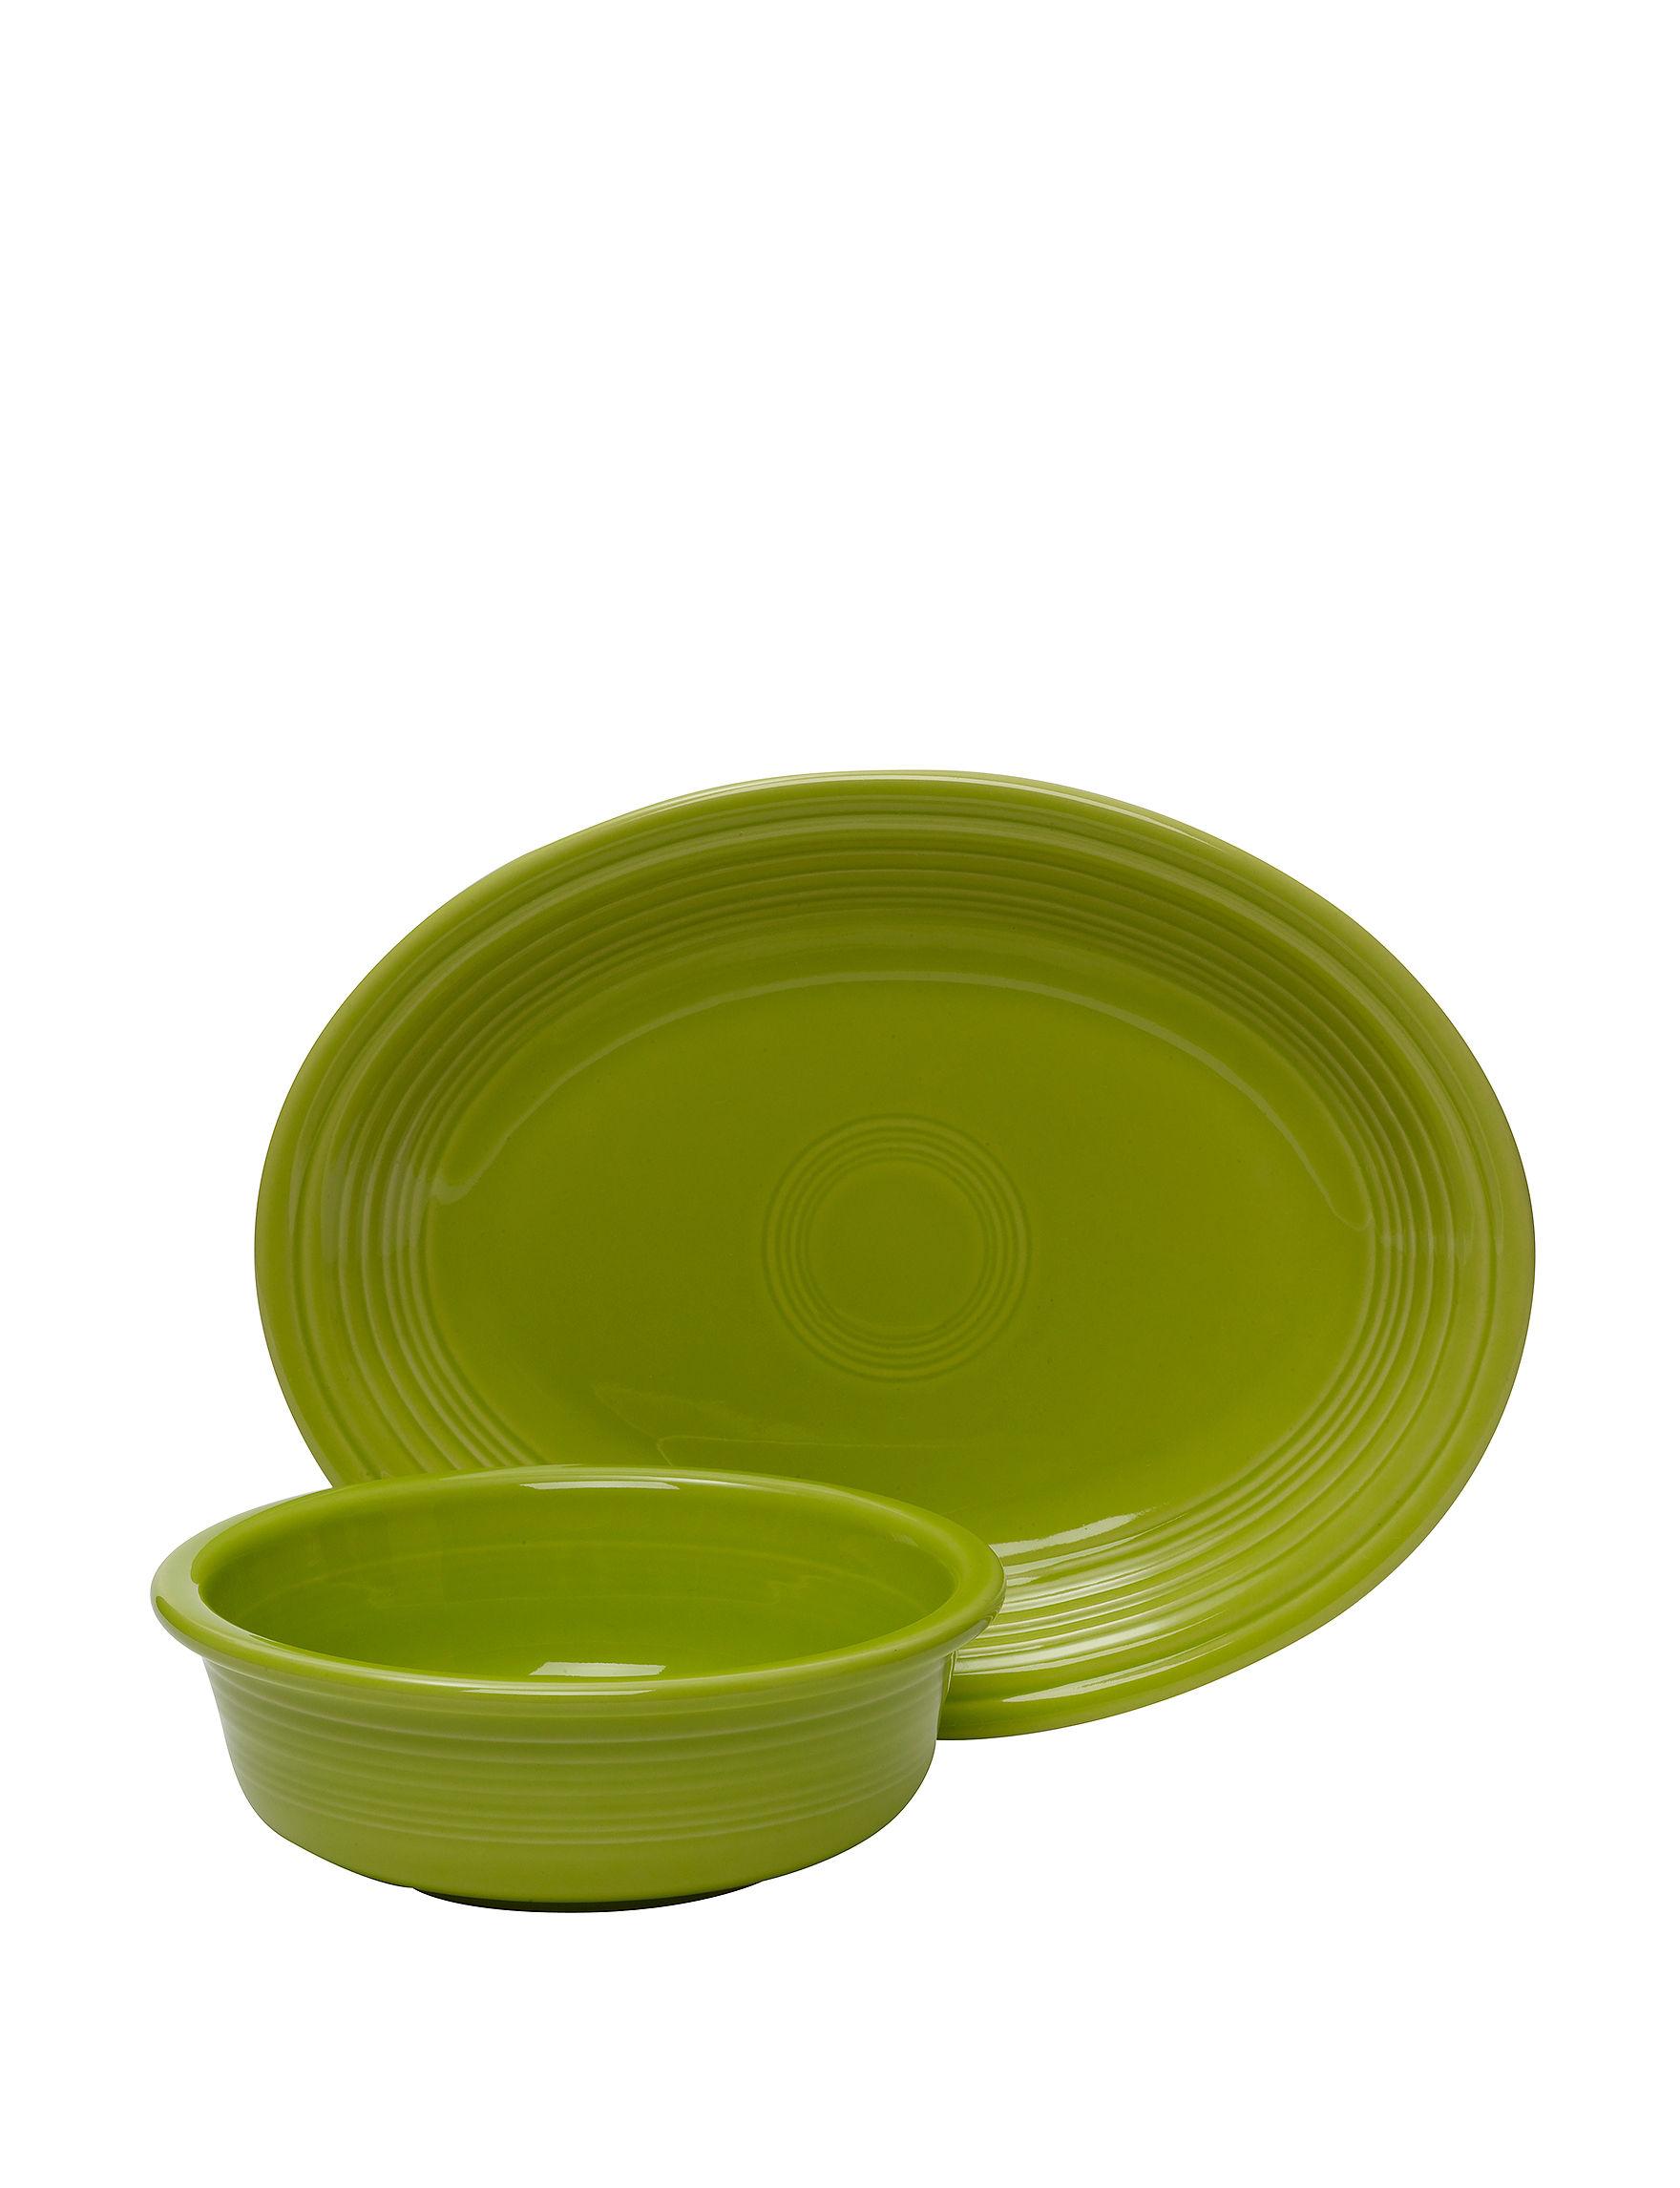 Fiesta Lemongrass Serving Bowls Serveware